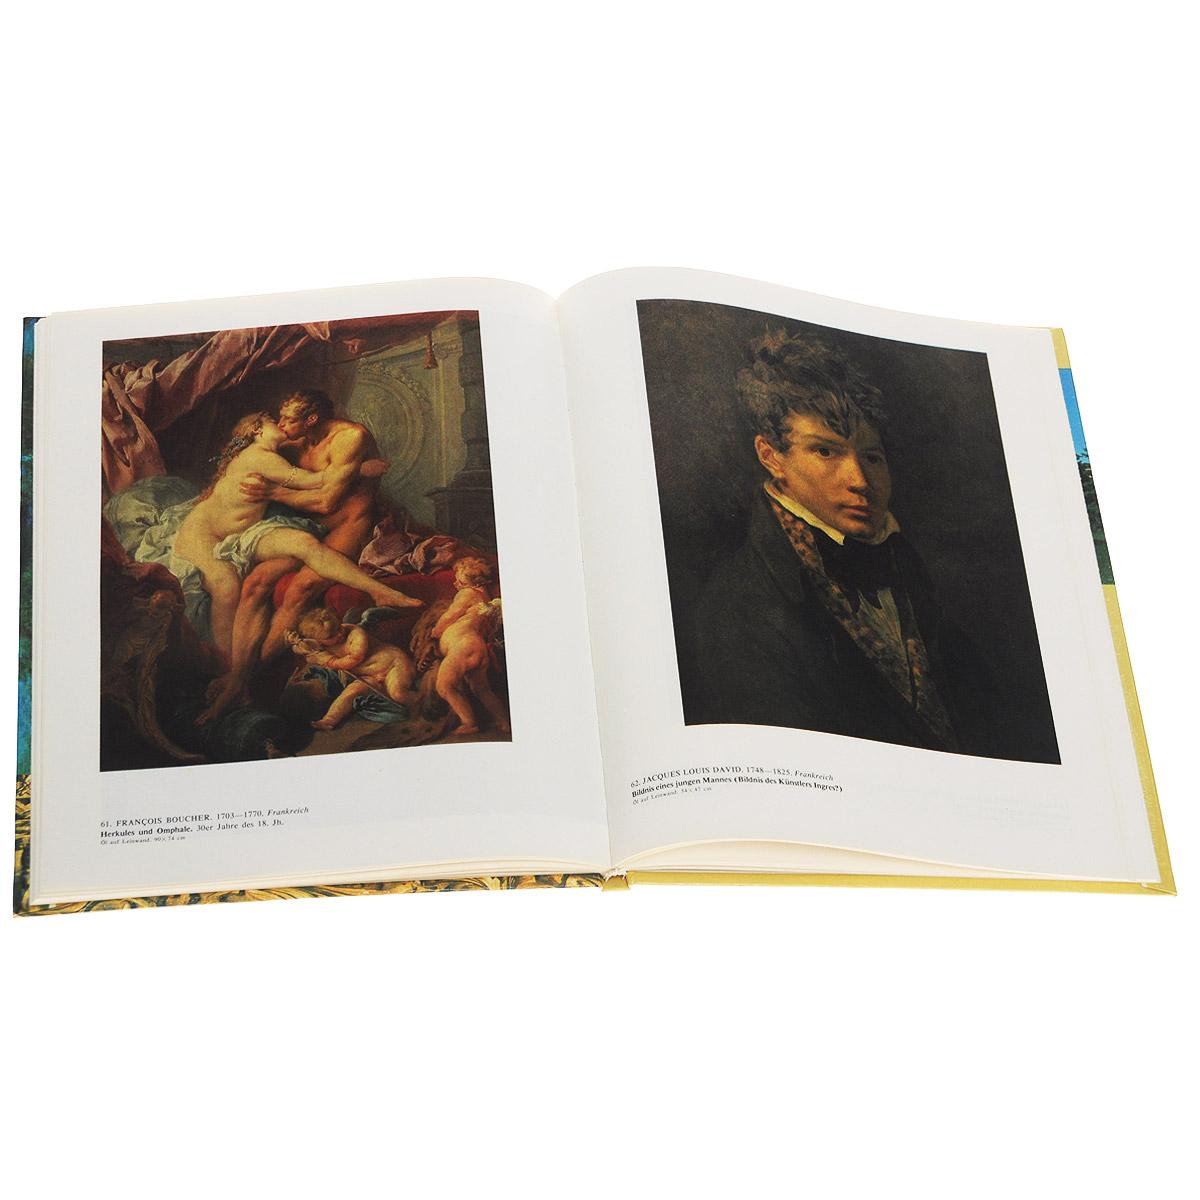 Puschkin-Museum der Bildenden Kunste, Moscau: Malerei